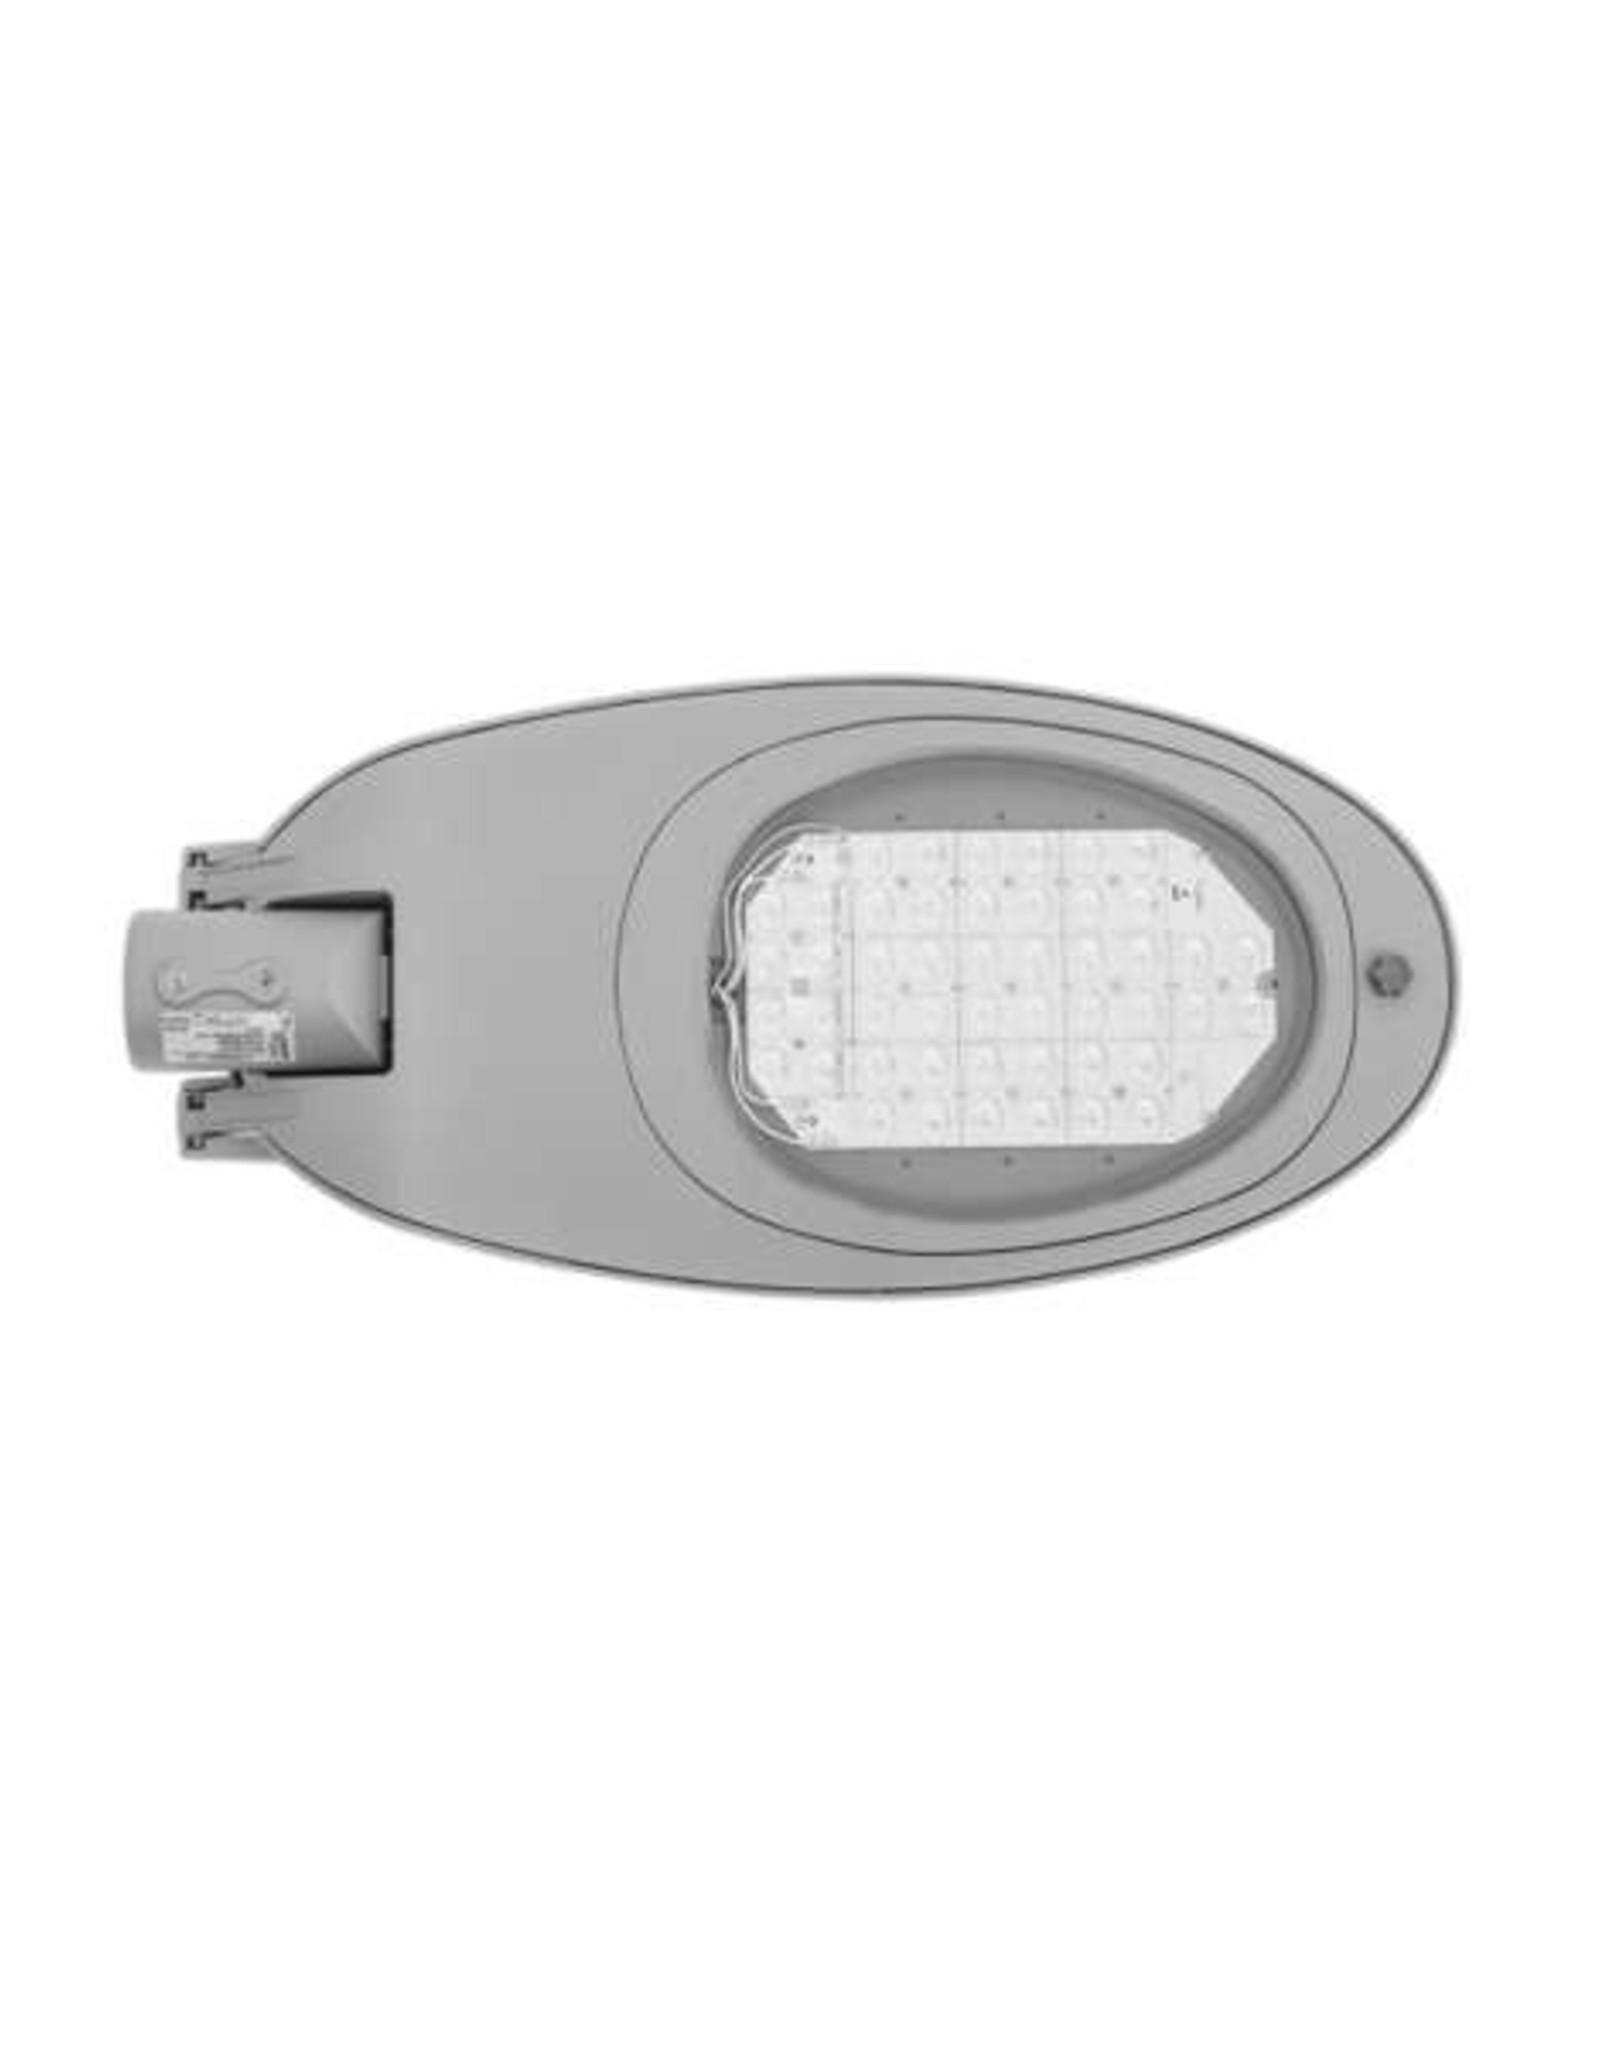 LUXON LED CORDOBA:LED 2.0 BASIC IV